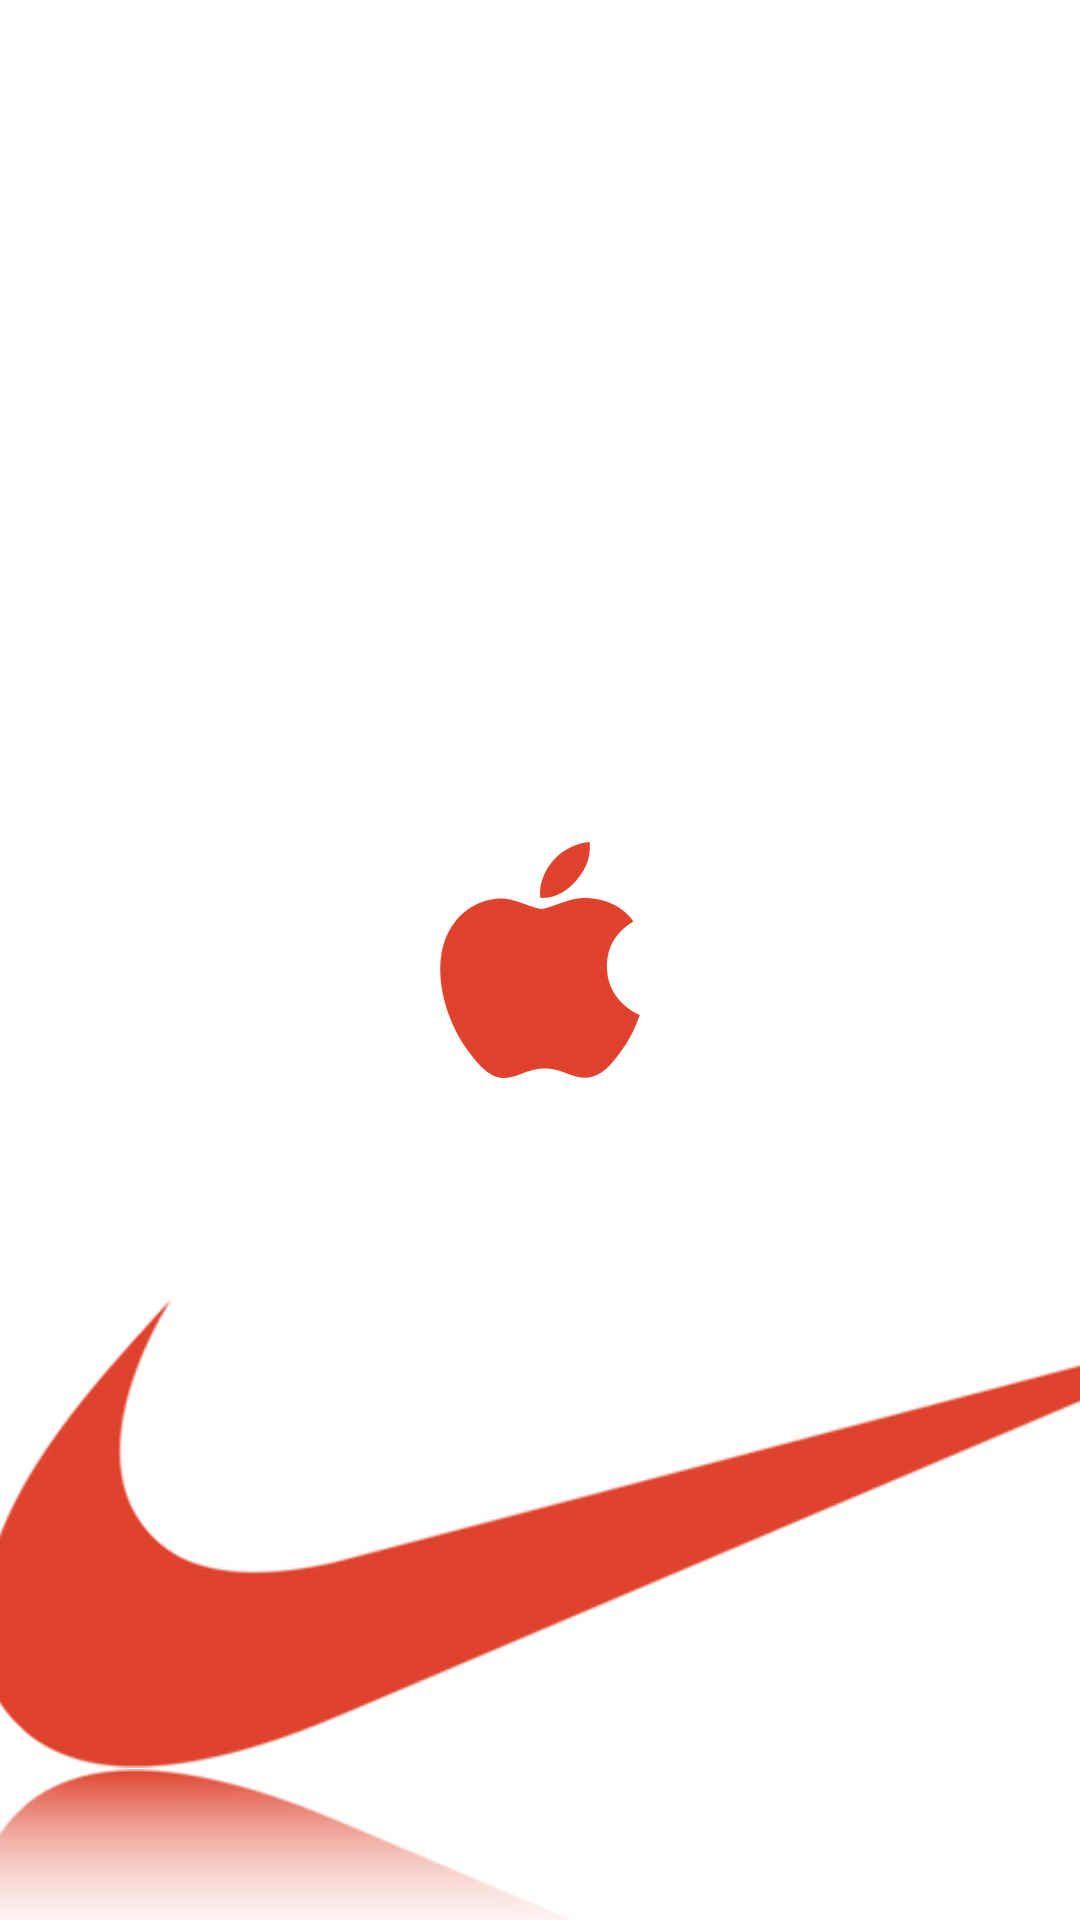 Nike ナイキ の高画質スマホ壁紙37枚 スマホ壁紙 壁紙 Iphone シンプル Iphone 用壁紙